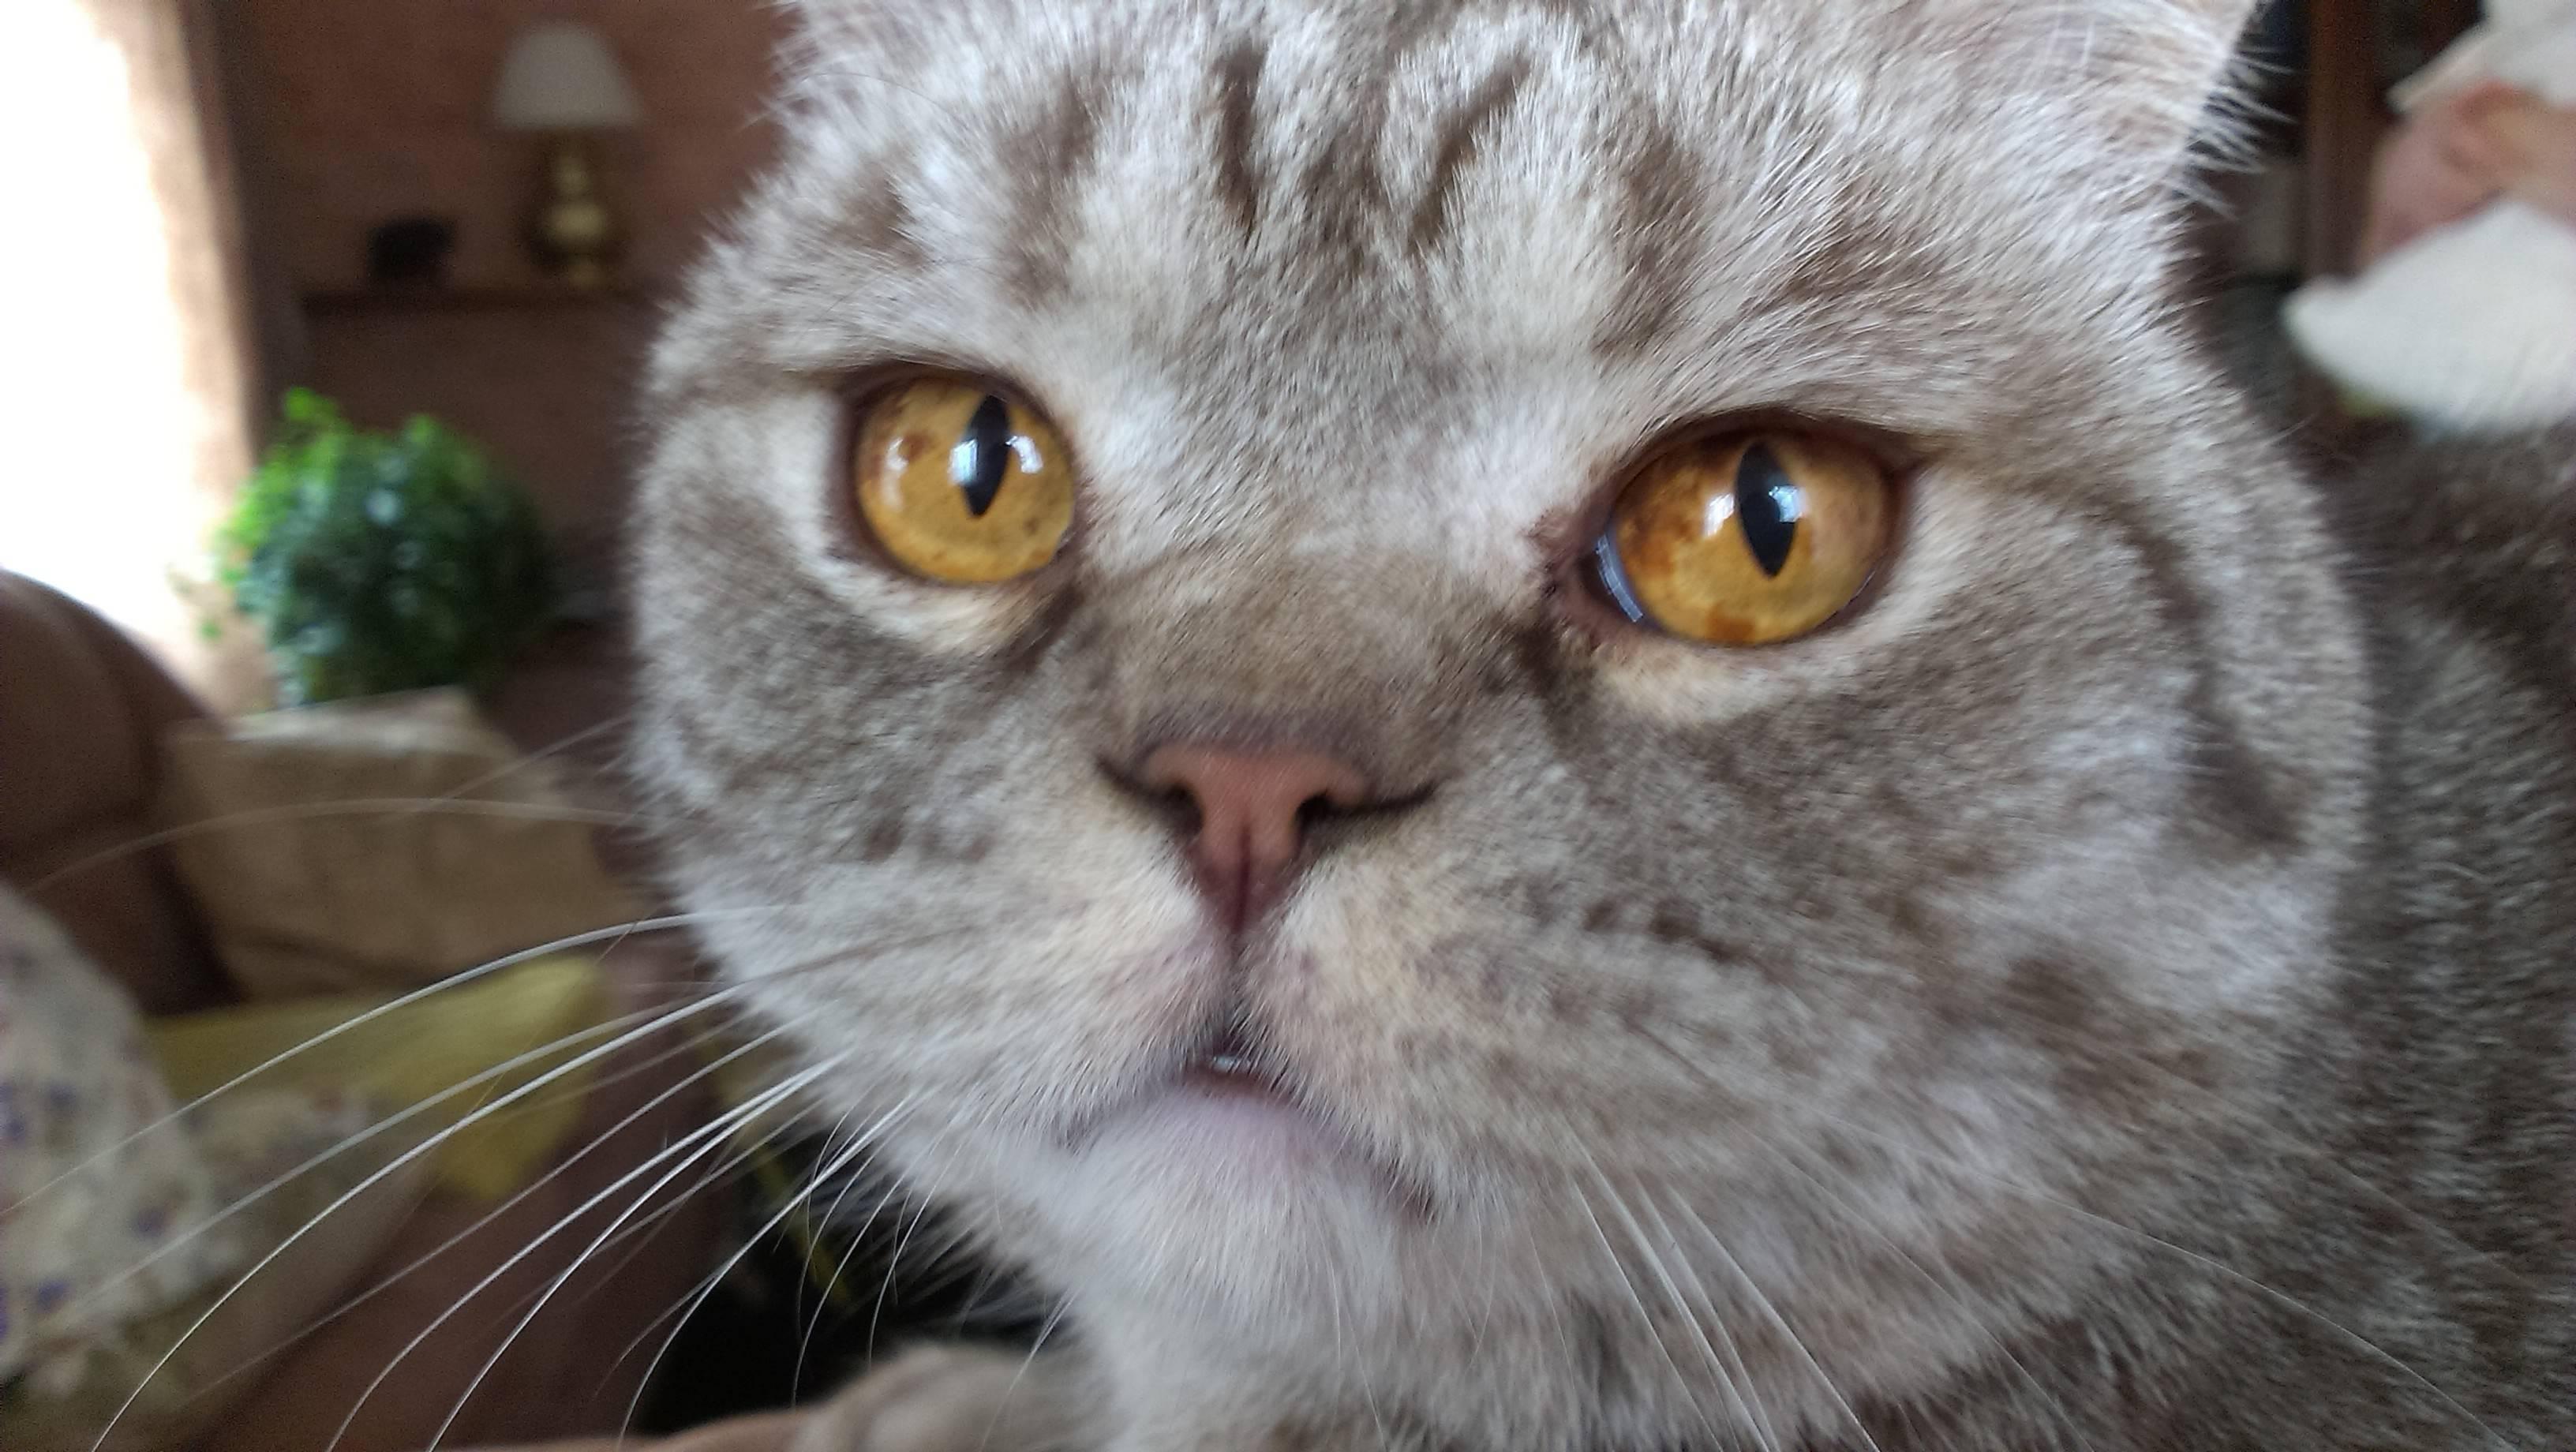 У шотландского котенка слезятся глаза: что делать, причины, лечение